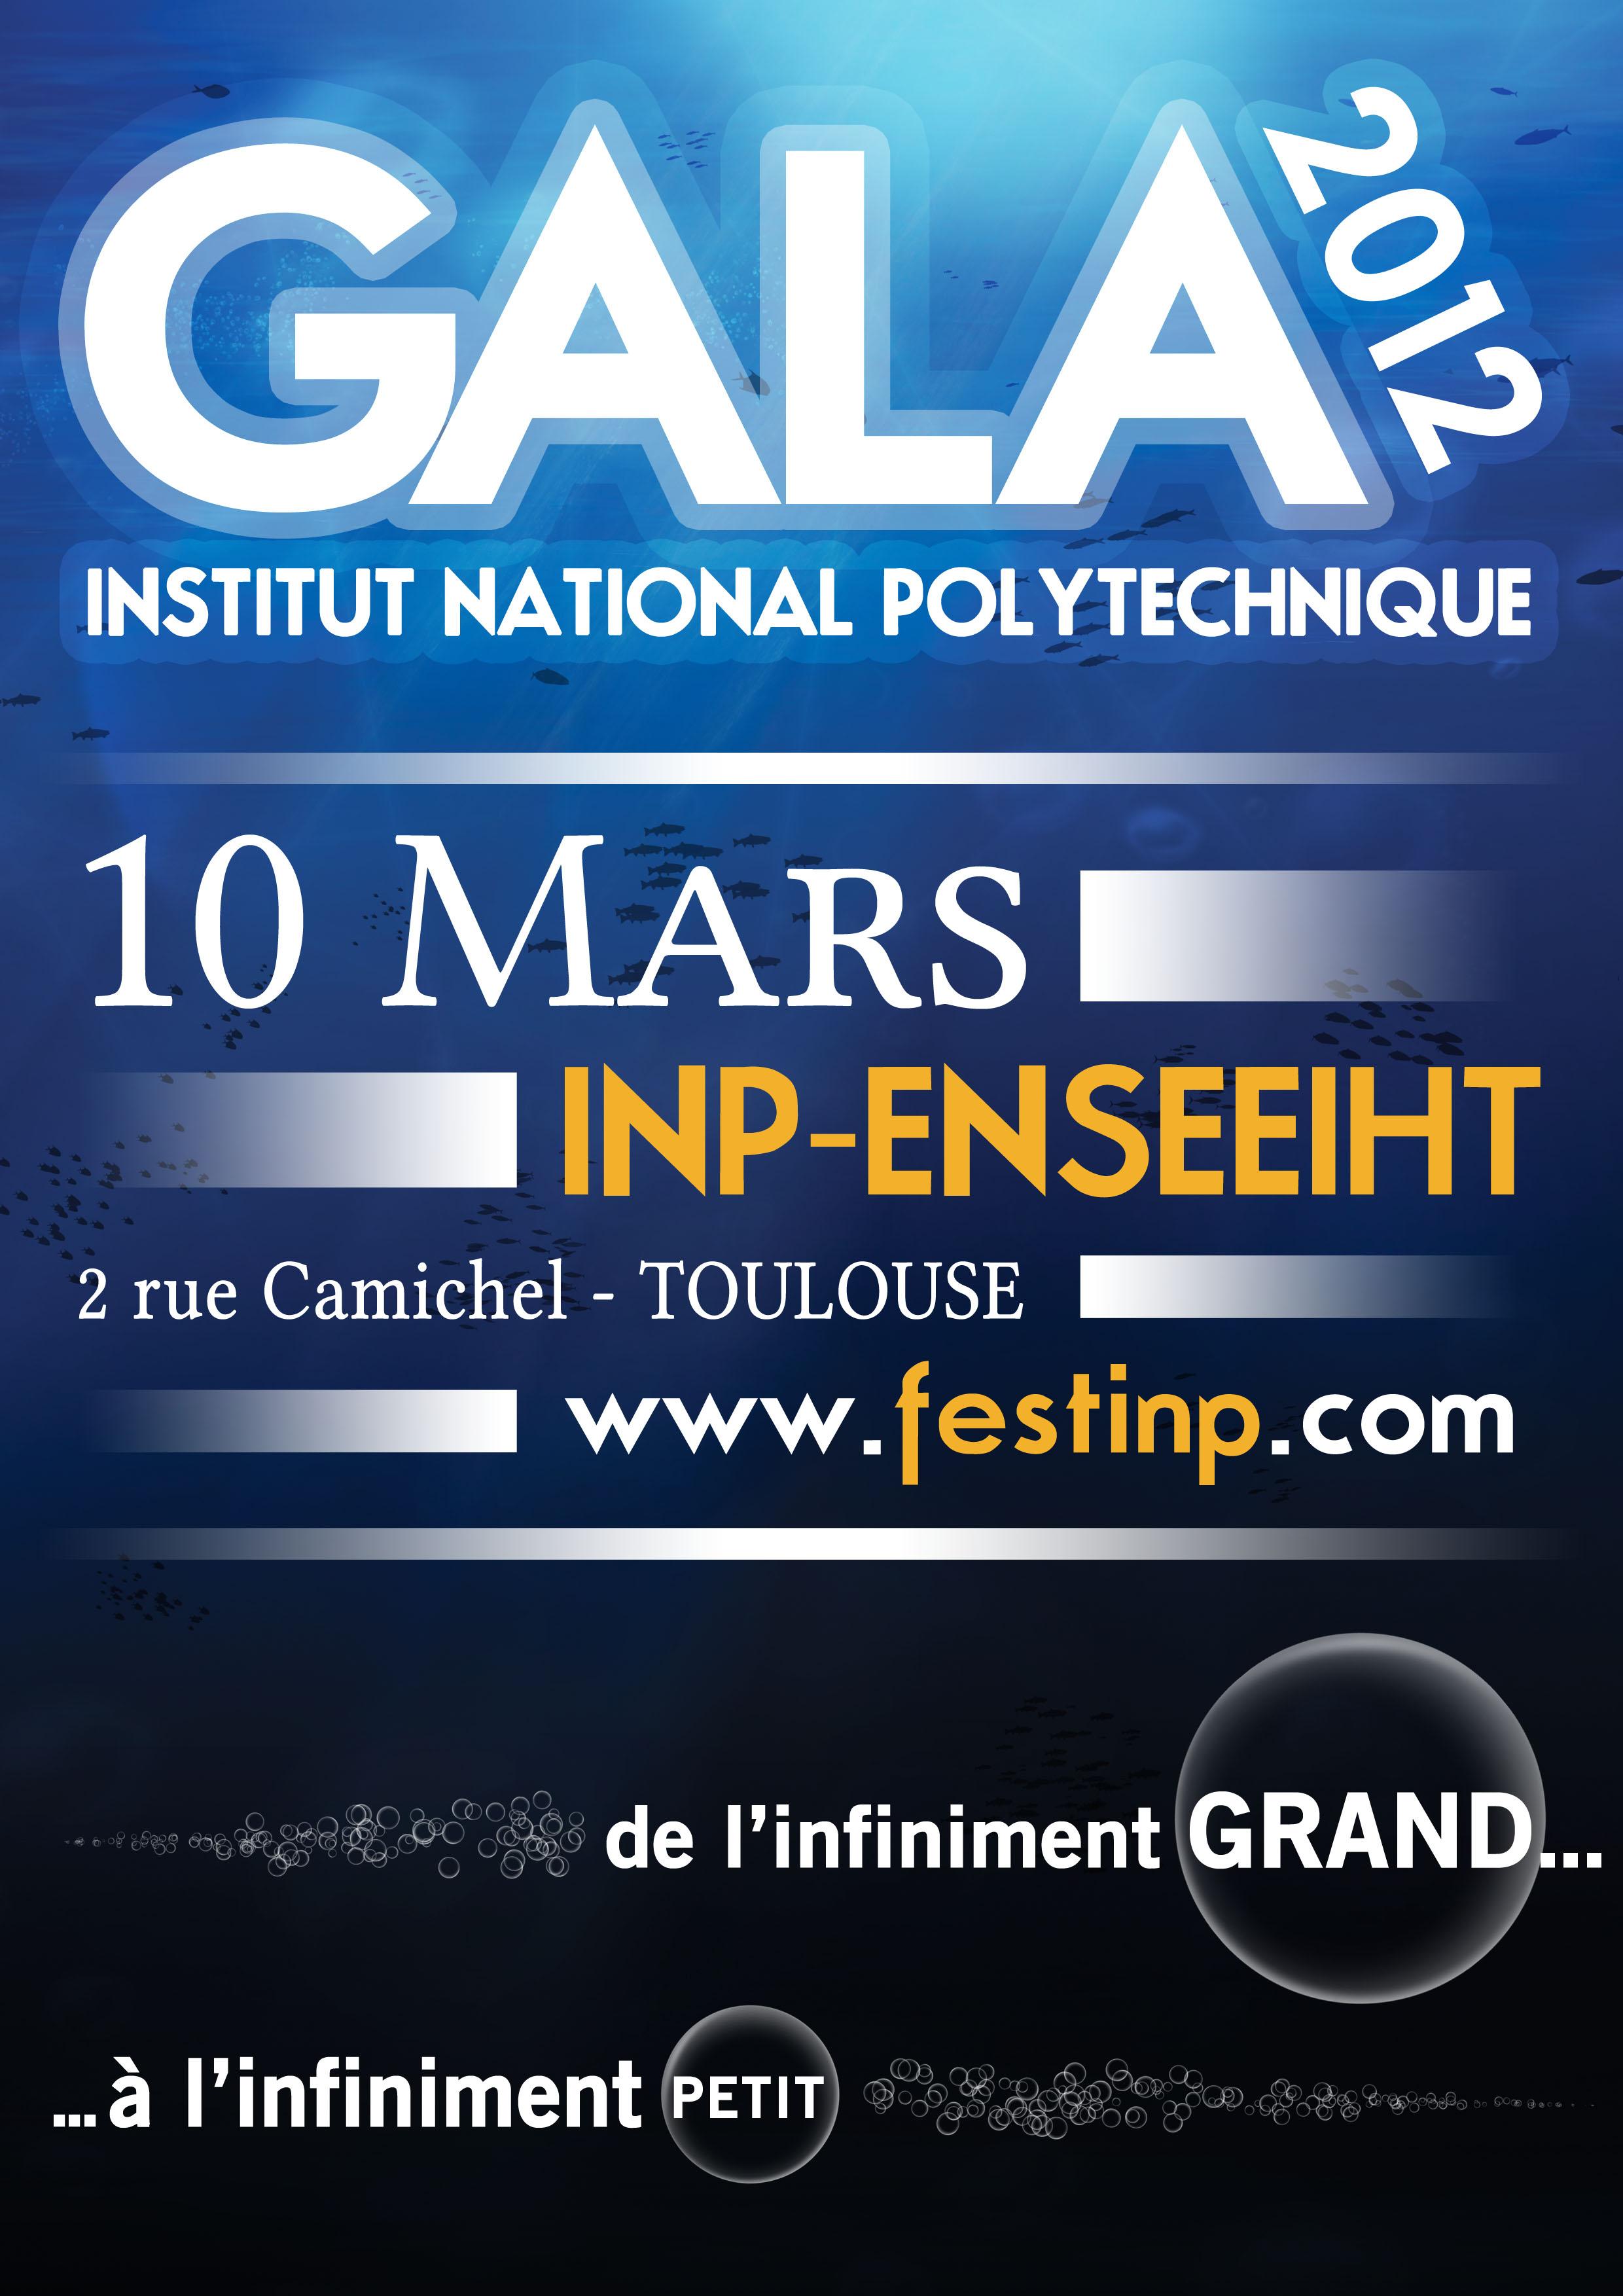 gala flyers